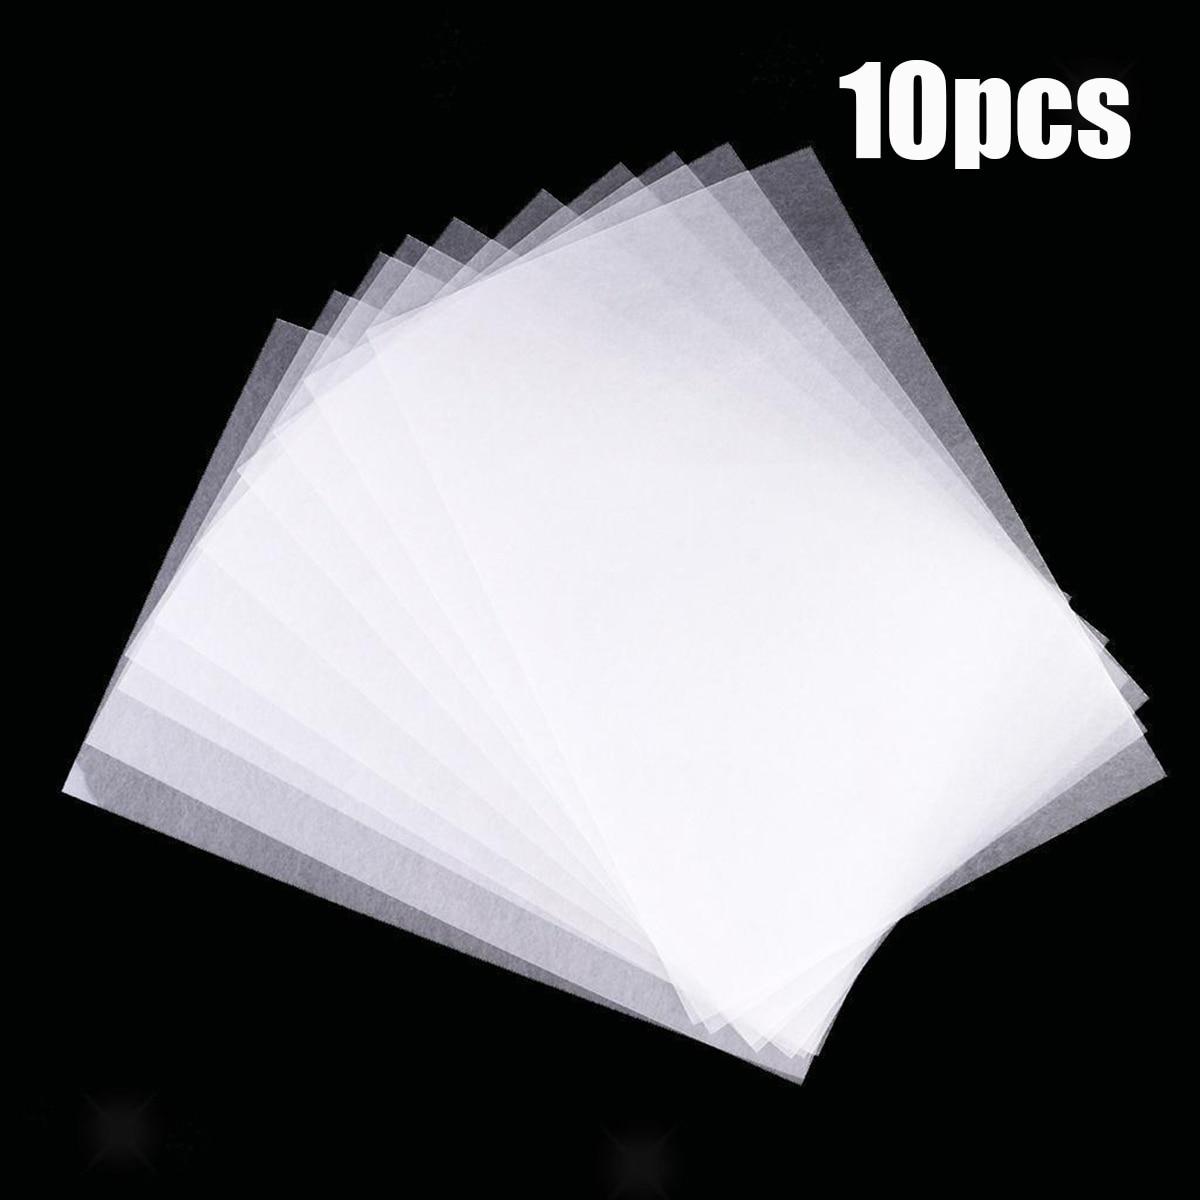 10 Pcs Termorretracção Filme Papéis Folhas Cartões de Tomada de Ofício Jóias DIY Pendurado Papel Decor Art Scrapbooking Die Cut Polonês placas